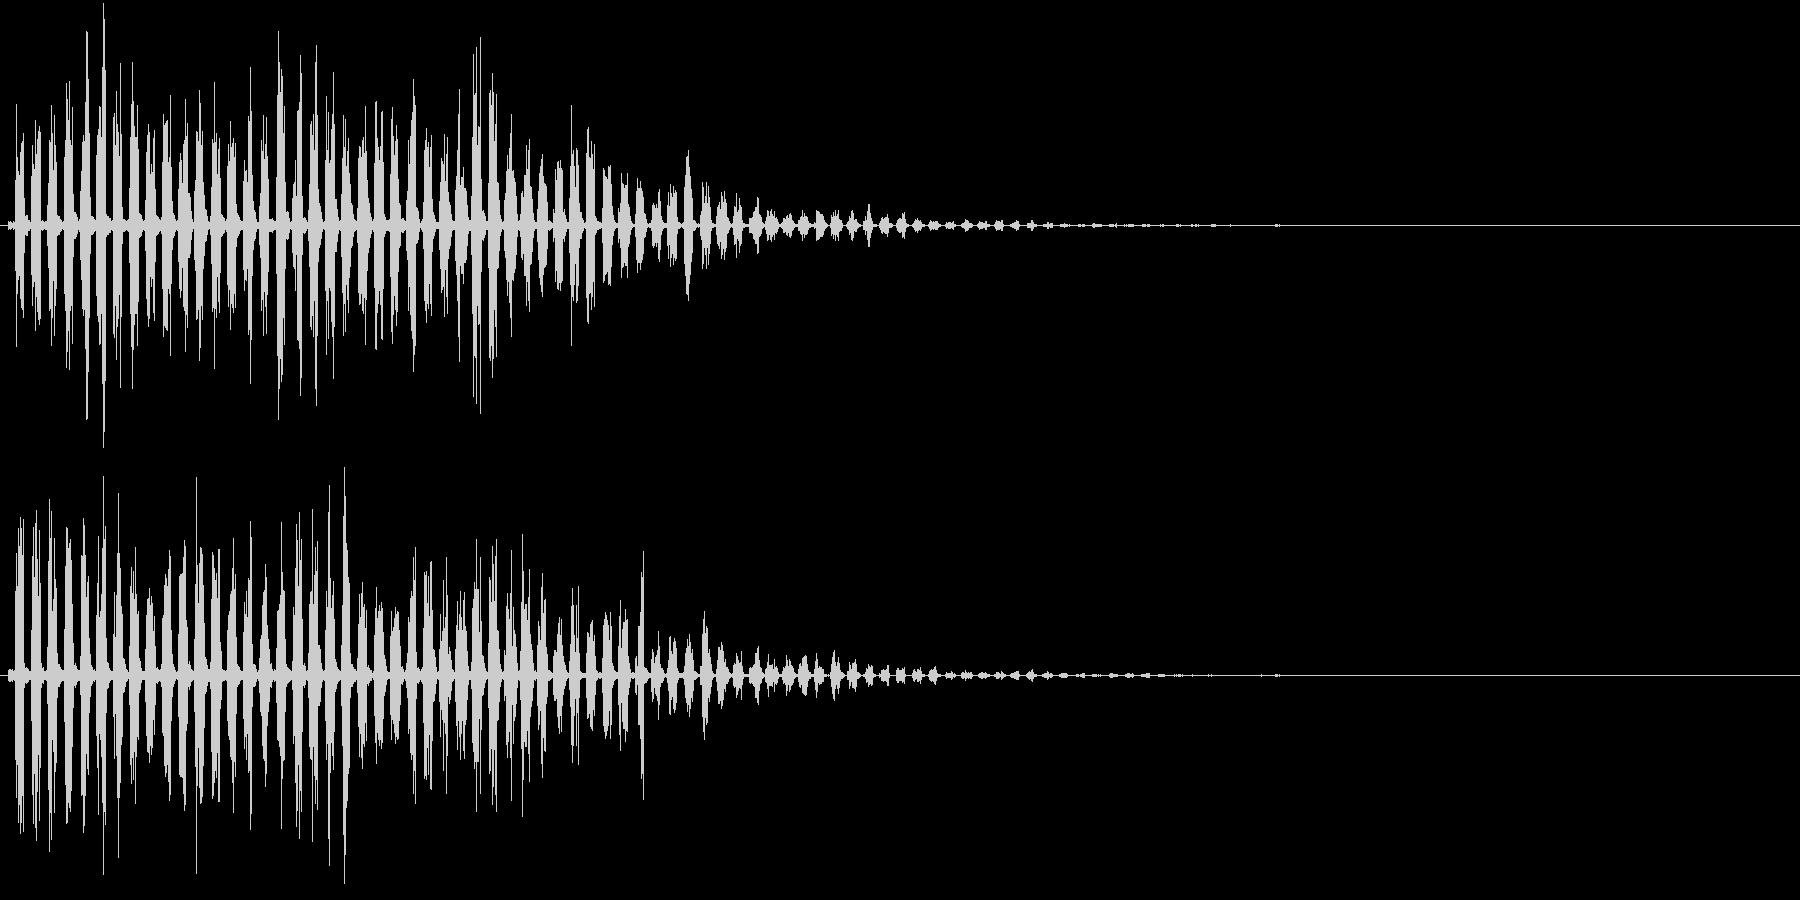 魔法音13の未再生の波形